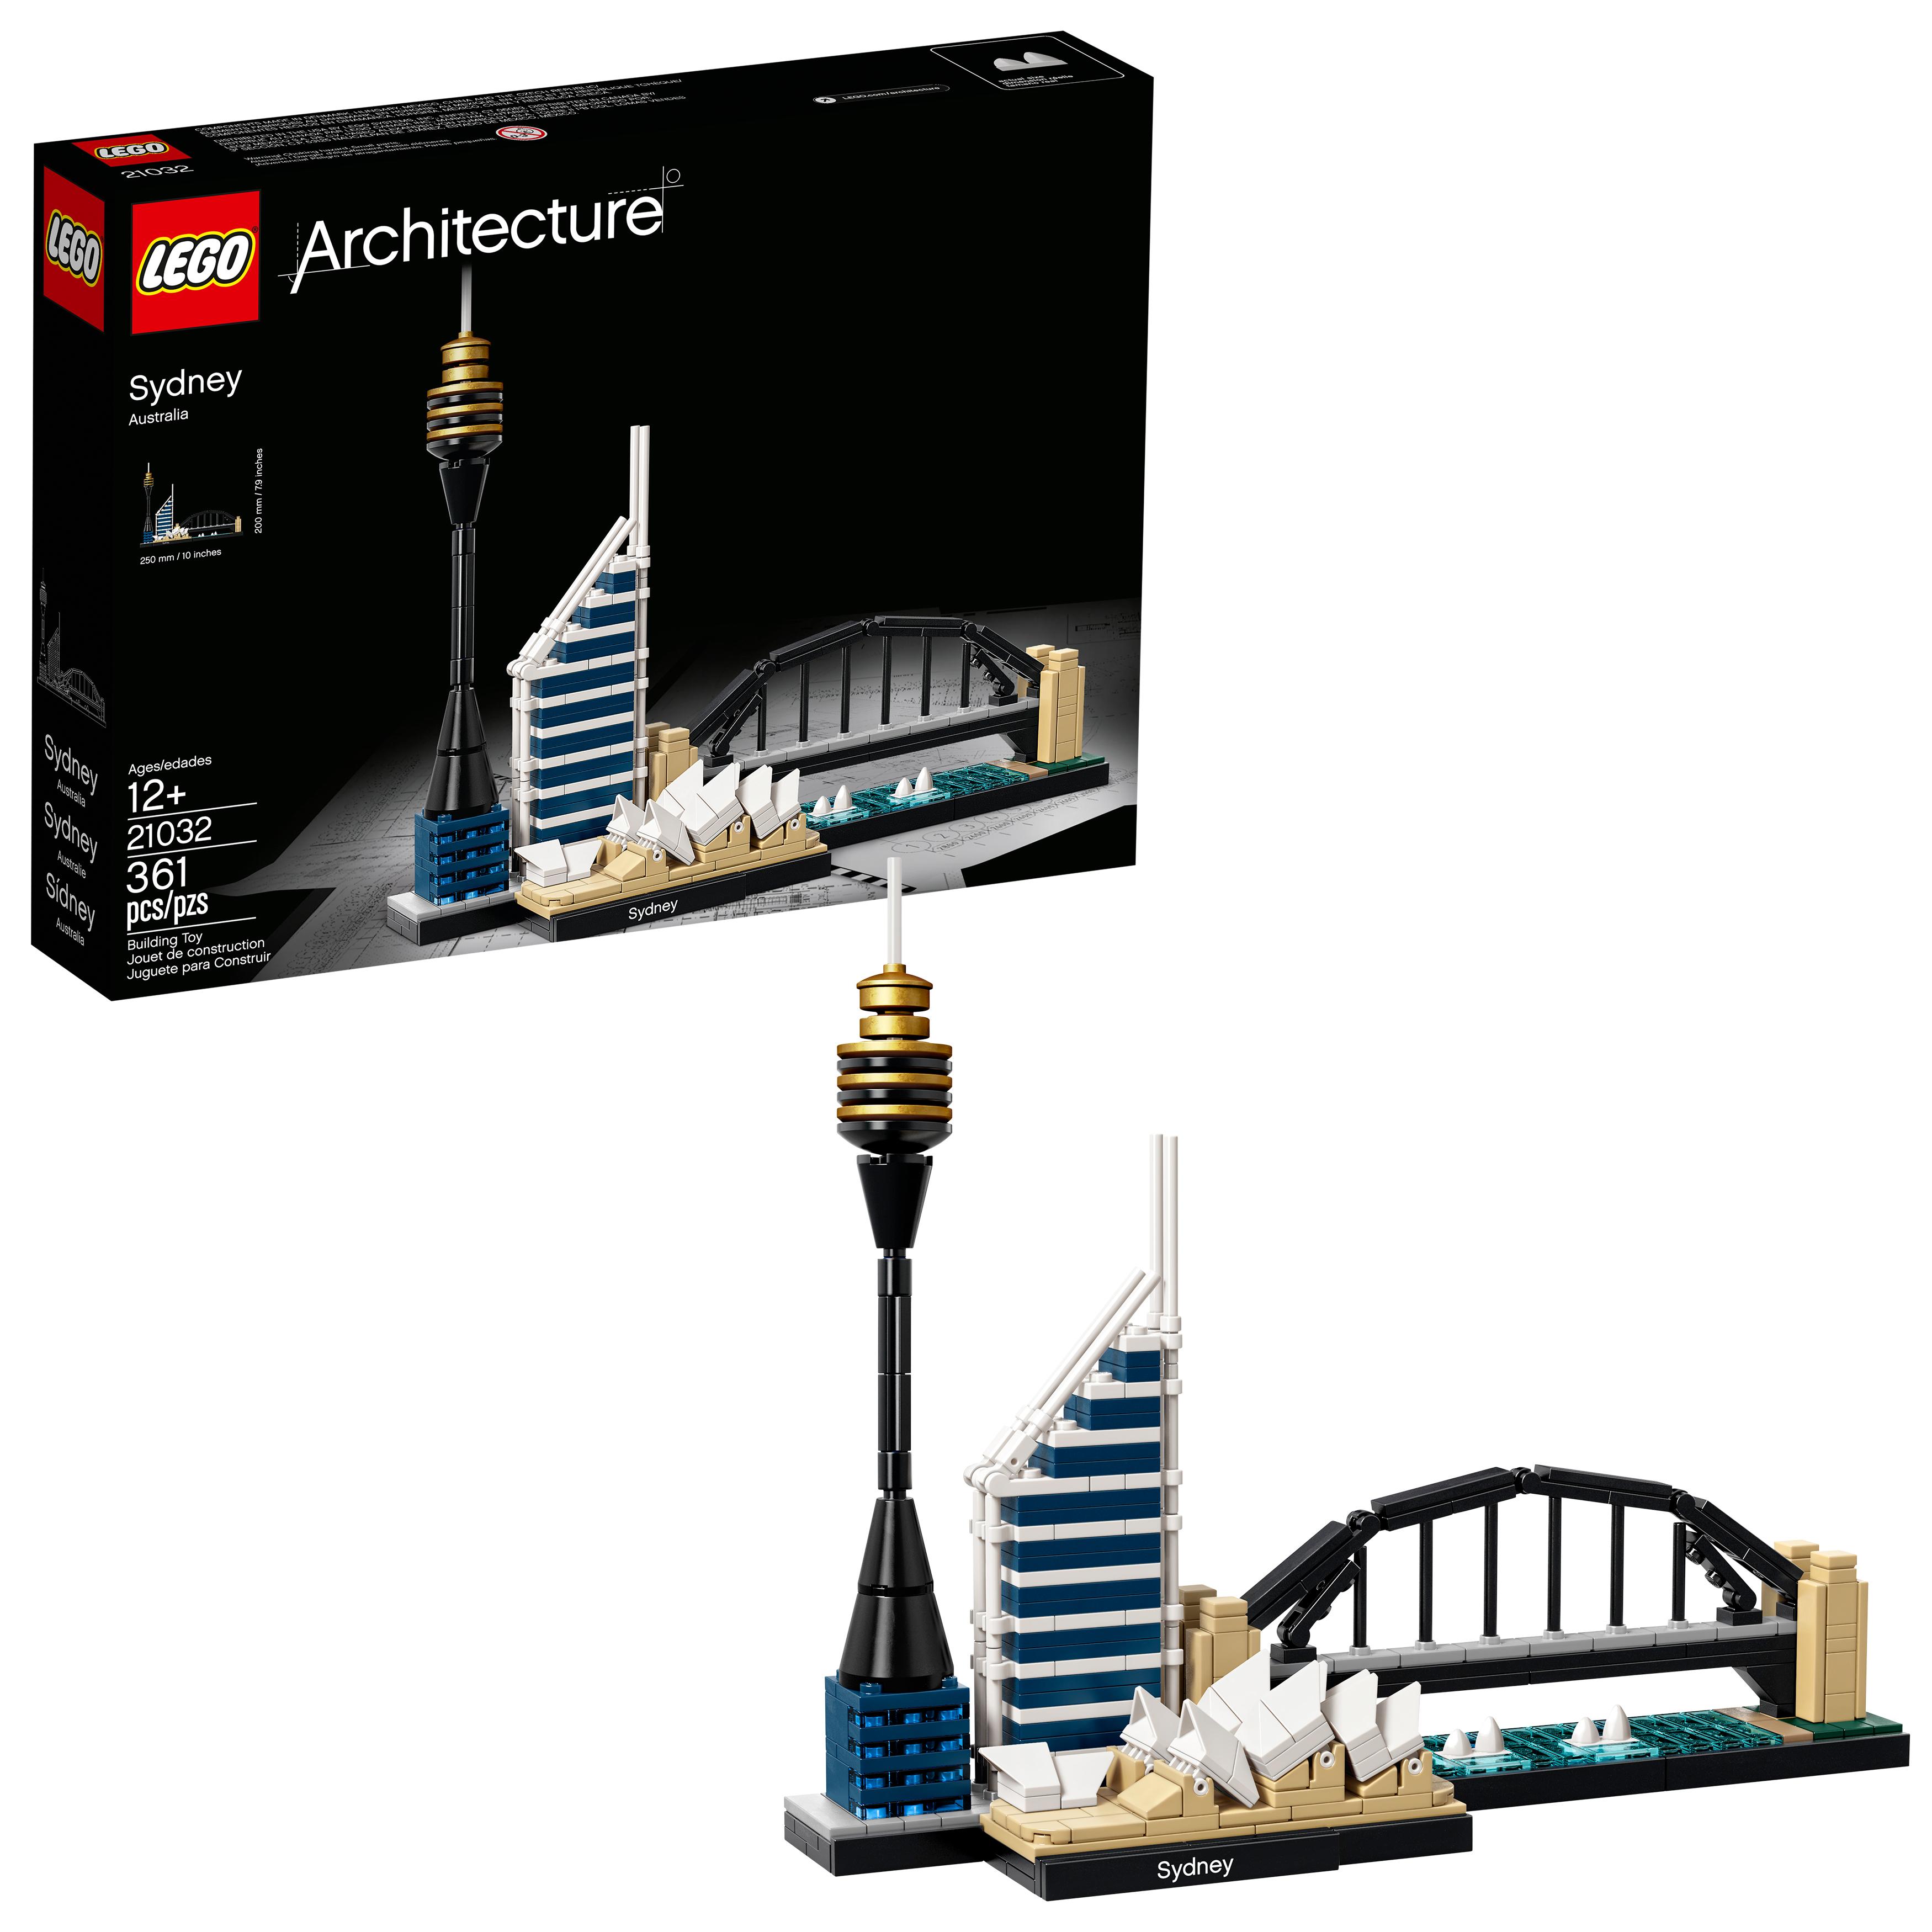 LEGO Architecture Sydney 21032 Building Set (361 Pieces)